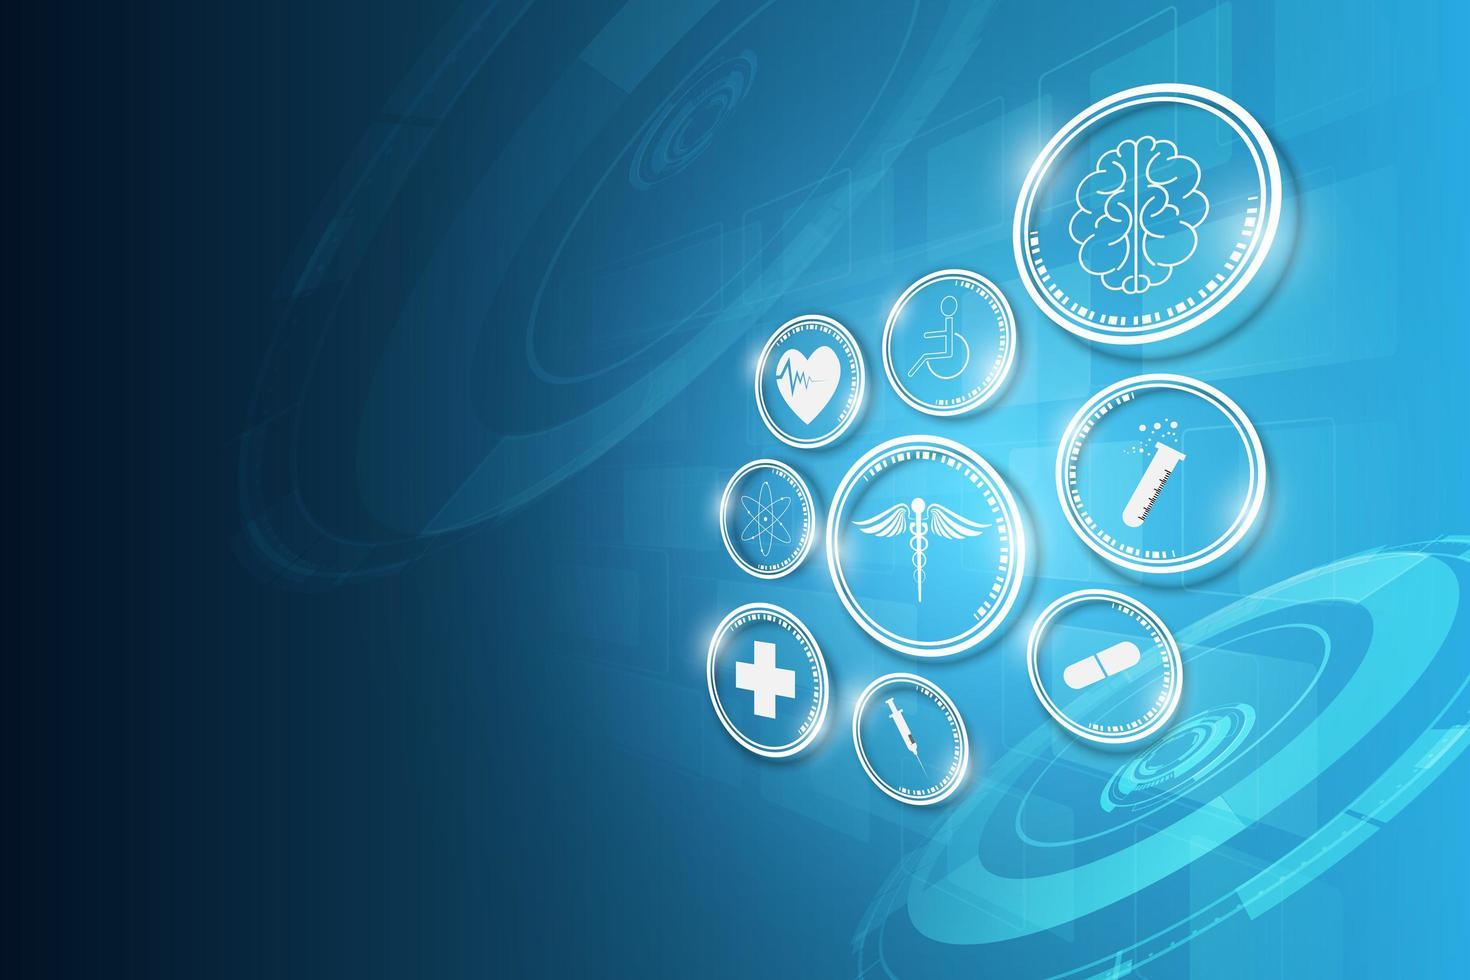 Hintergrund des Medizintechnik-Innovationskonzepts vektor